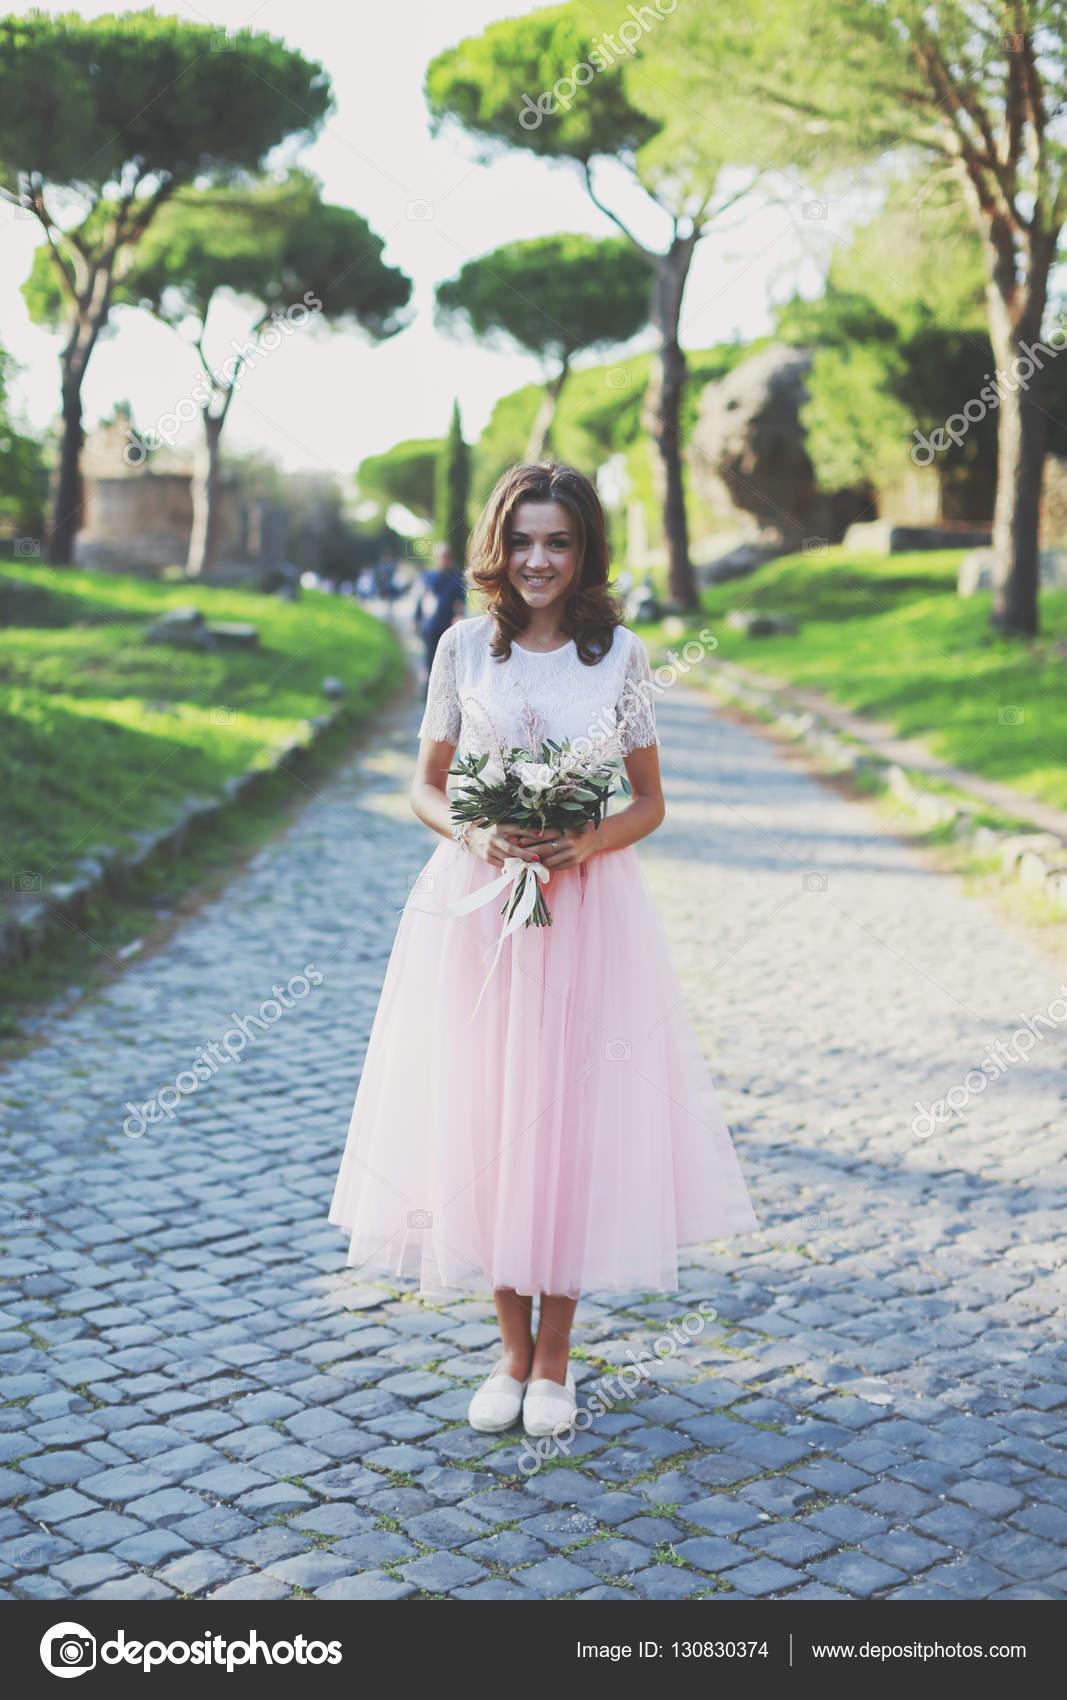 Elegante vestido de novia — Foto de stock © Nolonely #130830374